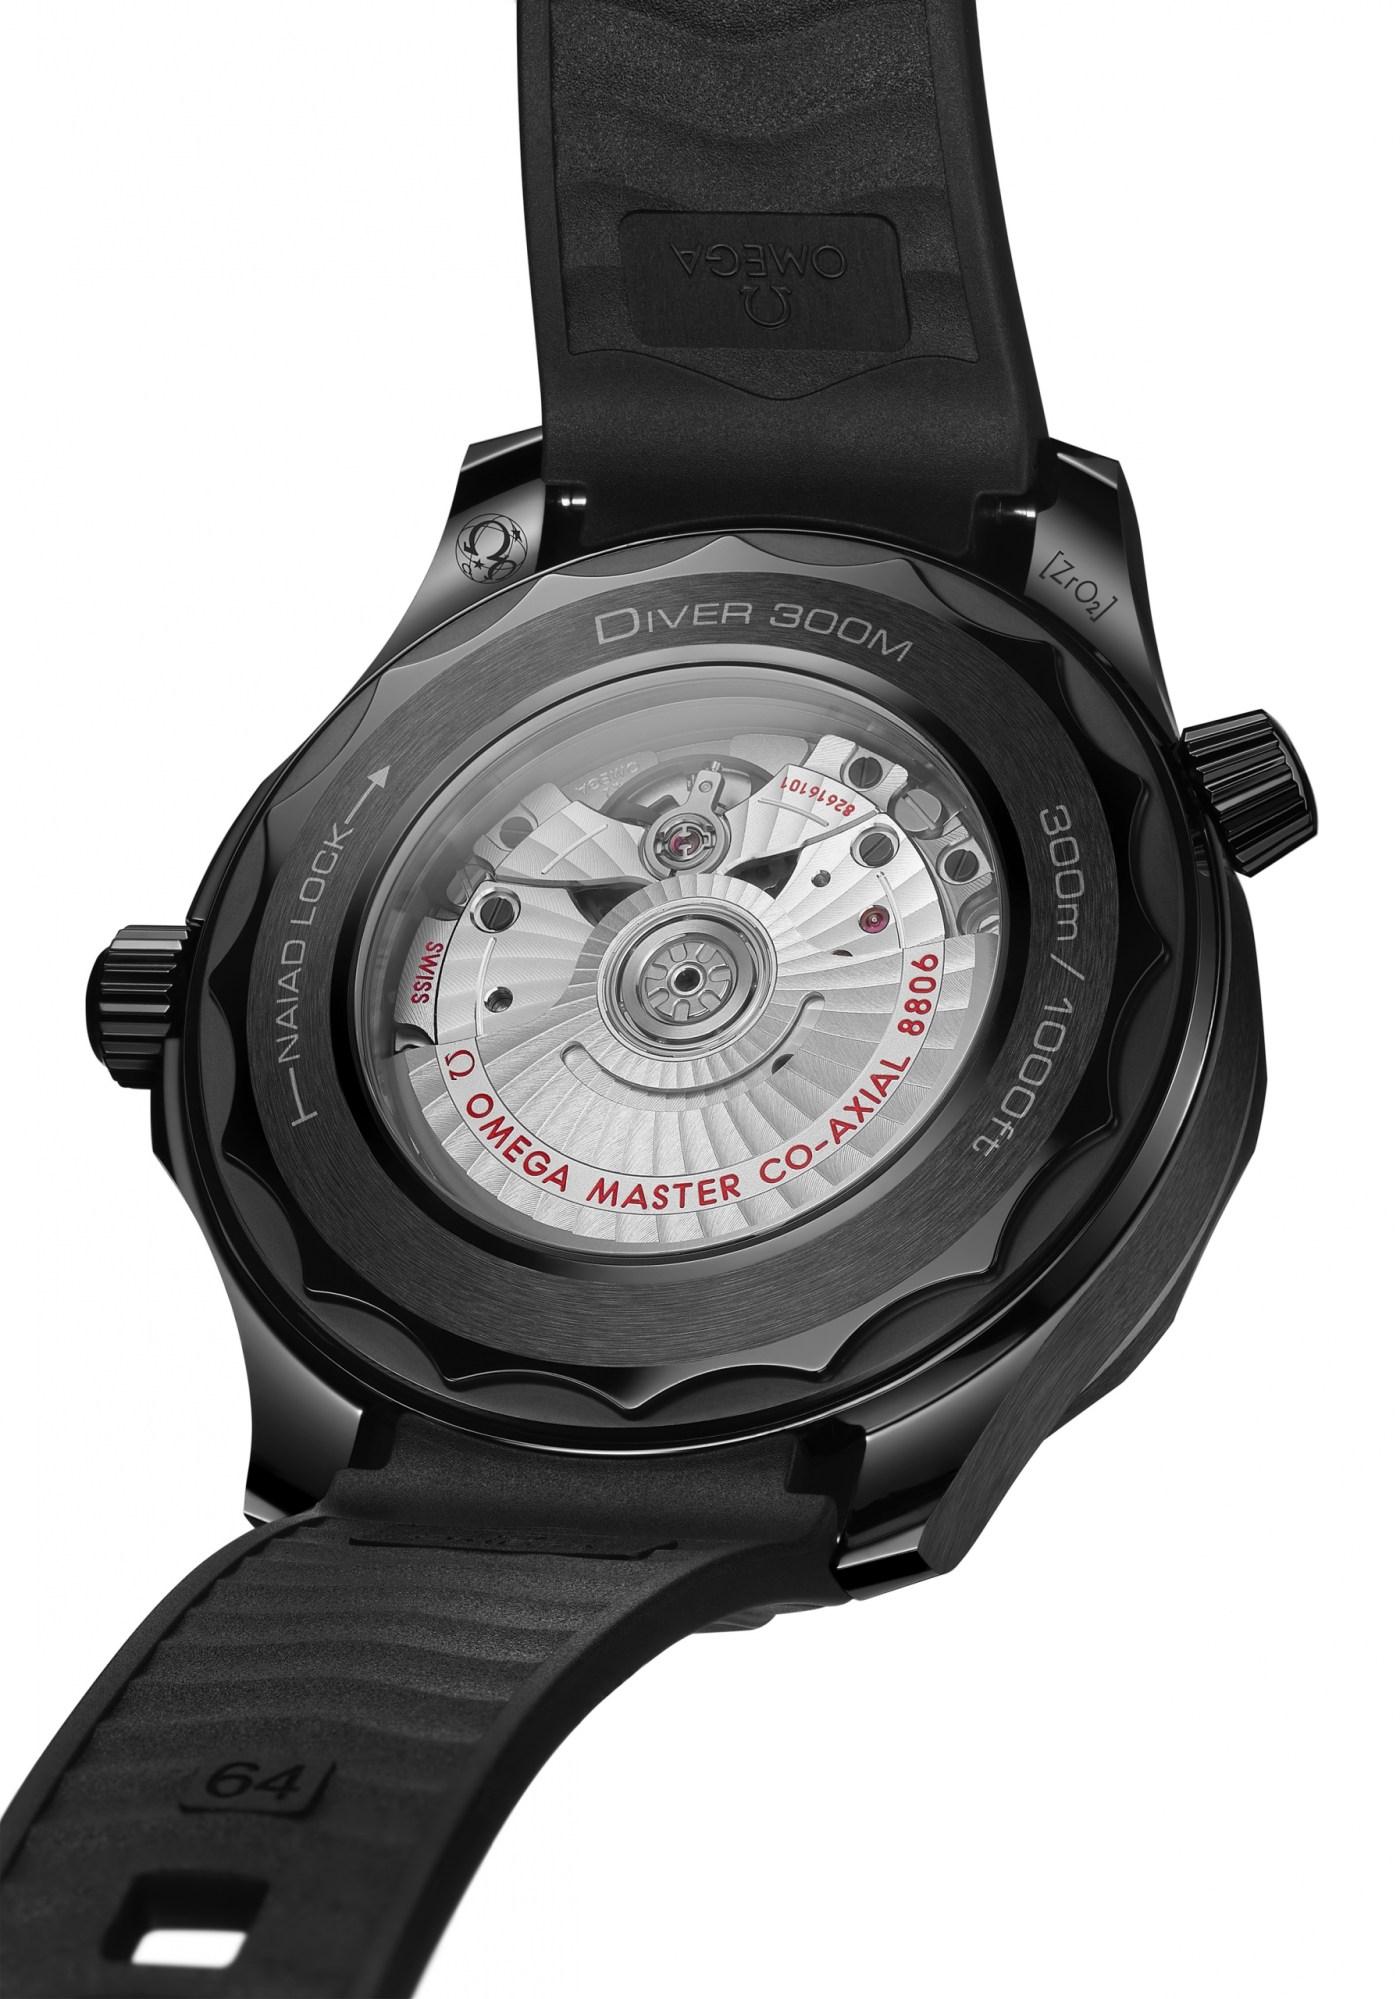 Omega Seamaster Diver 300M Black Black caseback